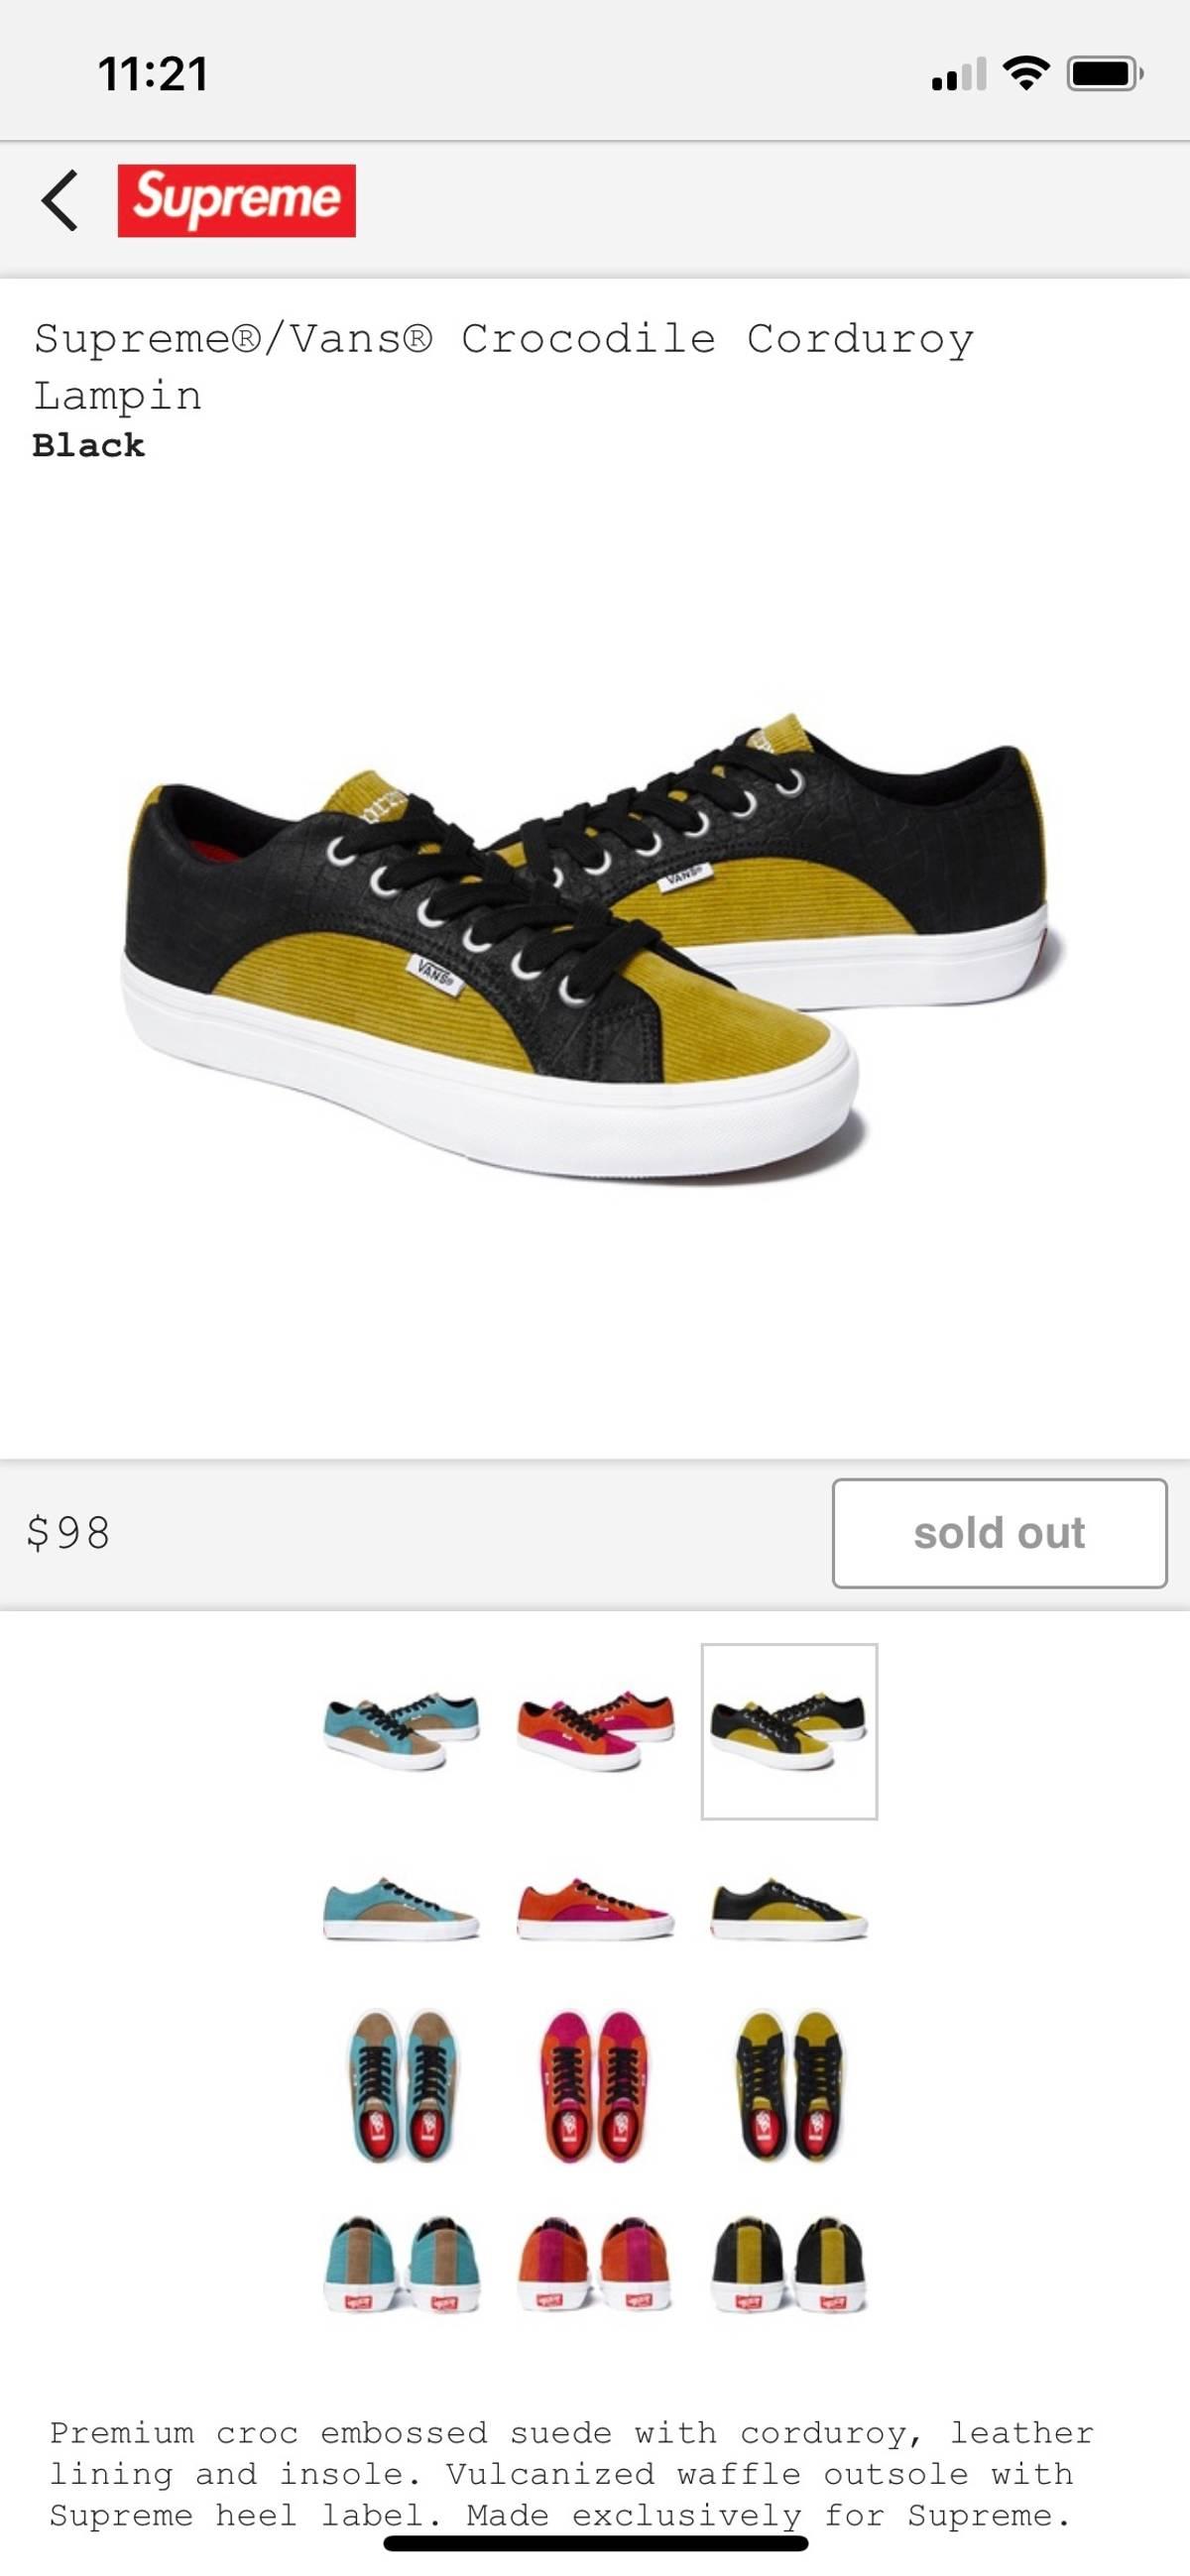 affdc90cc5 Supreme × Vans. Supreme x Vans Crocodile Corduroy Shoes